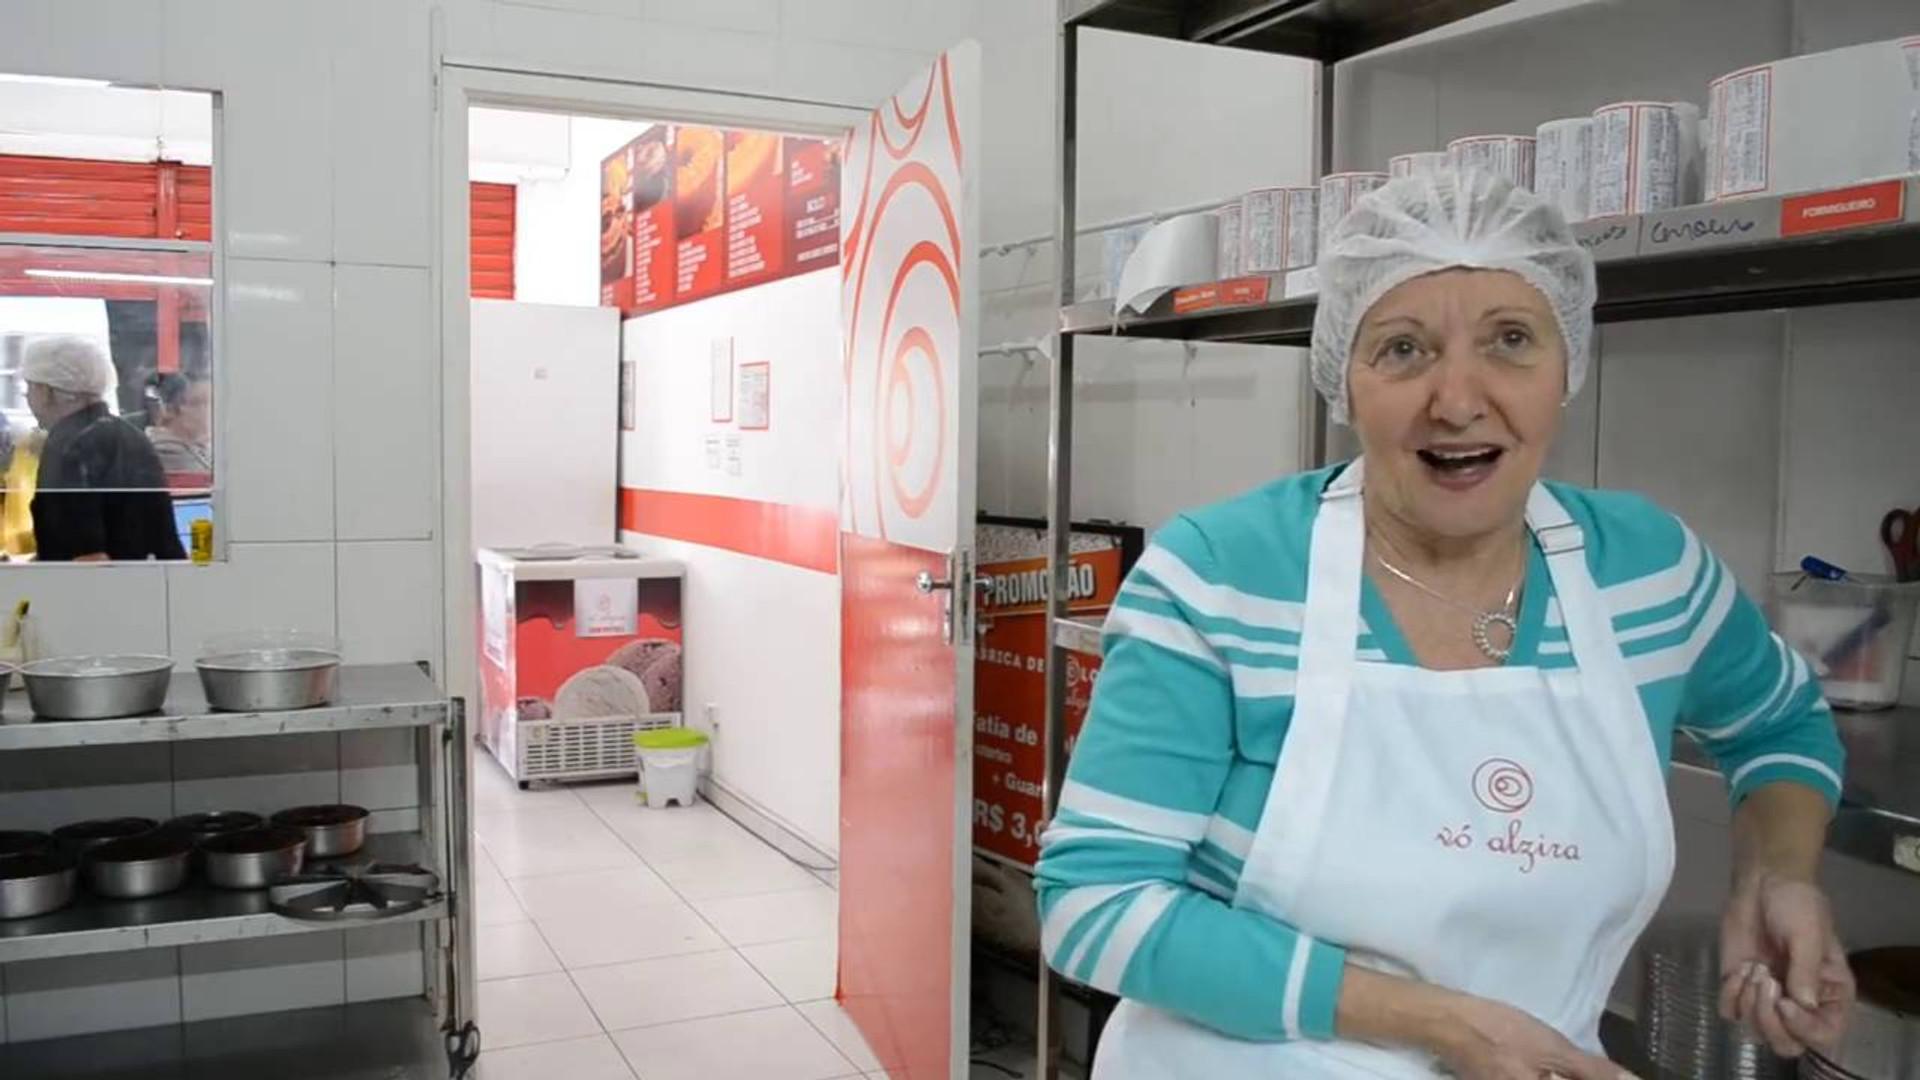 Vídeo institucional da Vó Alzira Fábrica de bolos